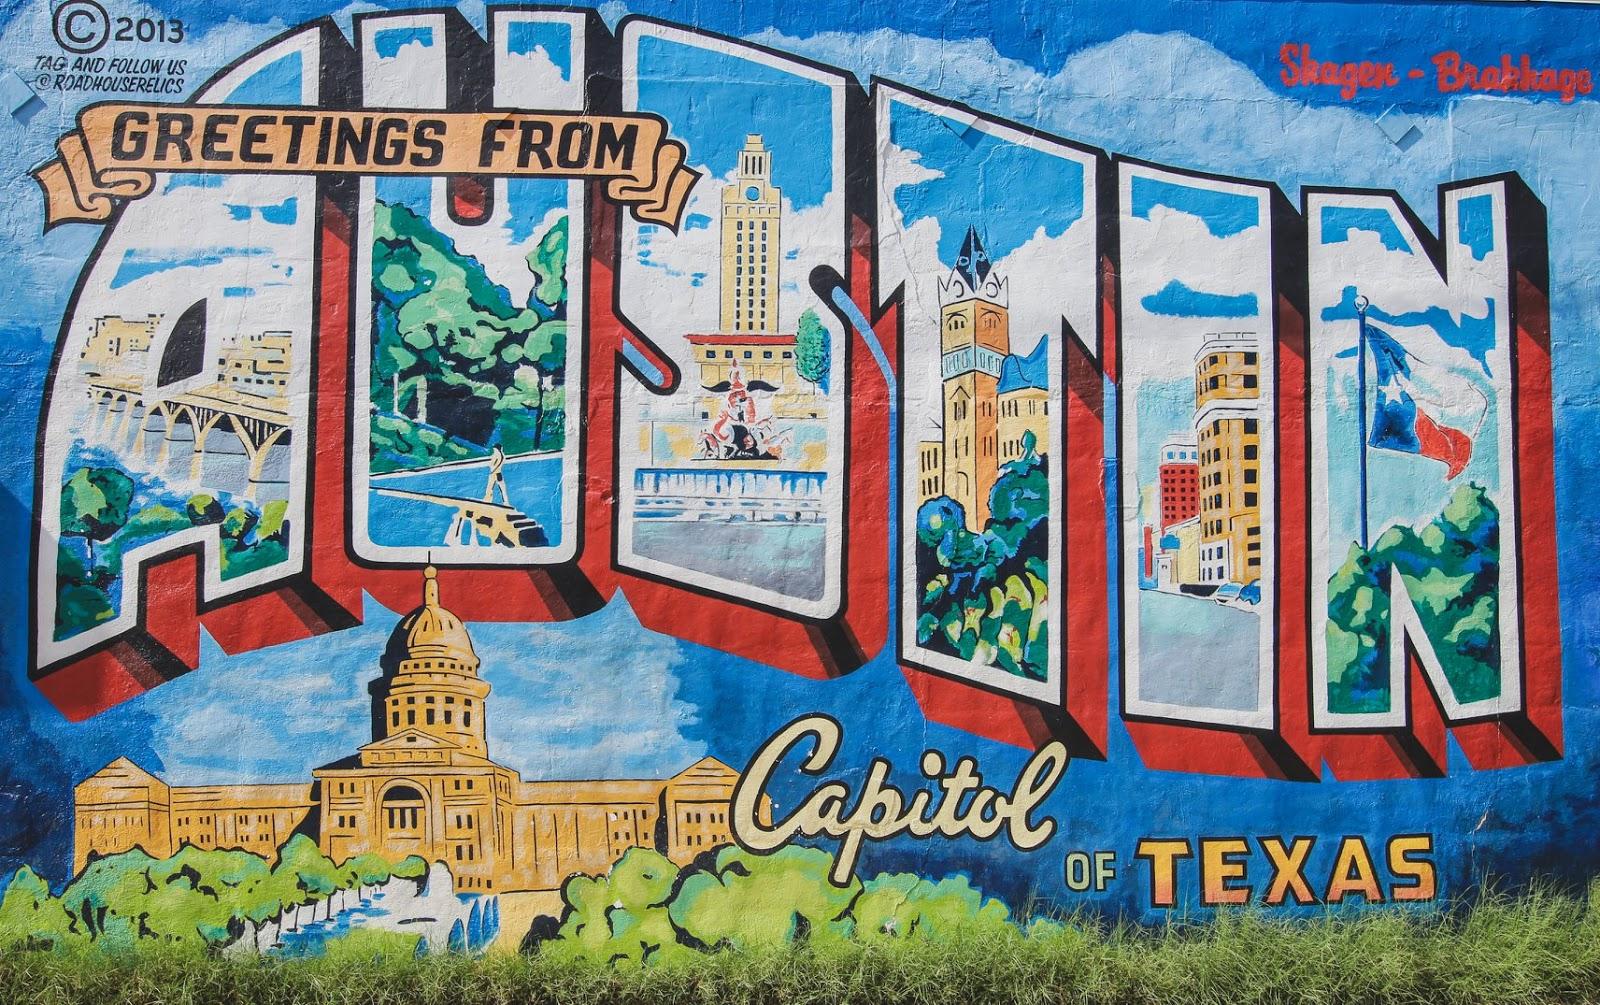 Austin Wall Murals